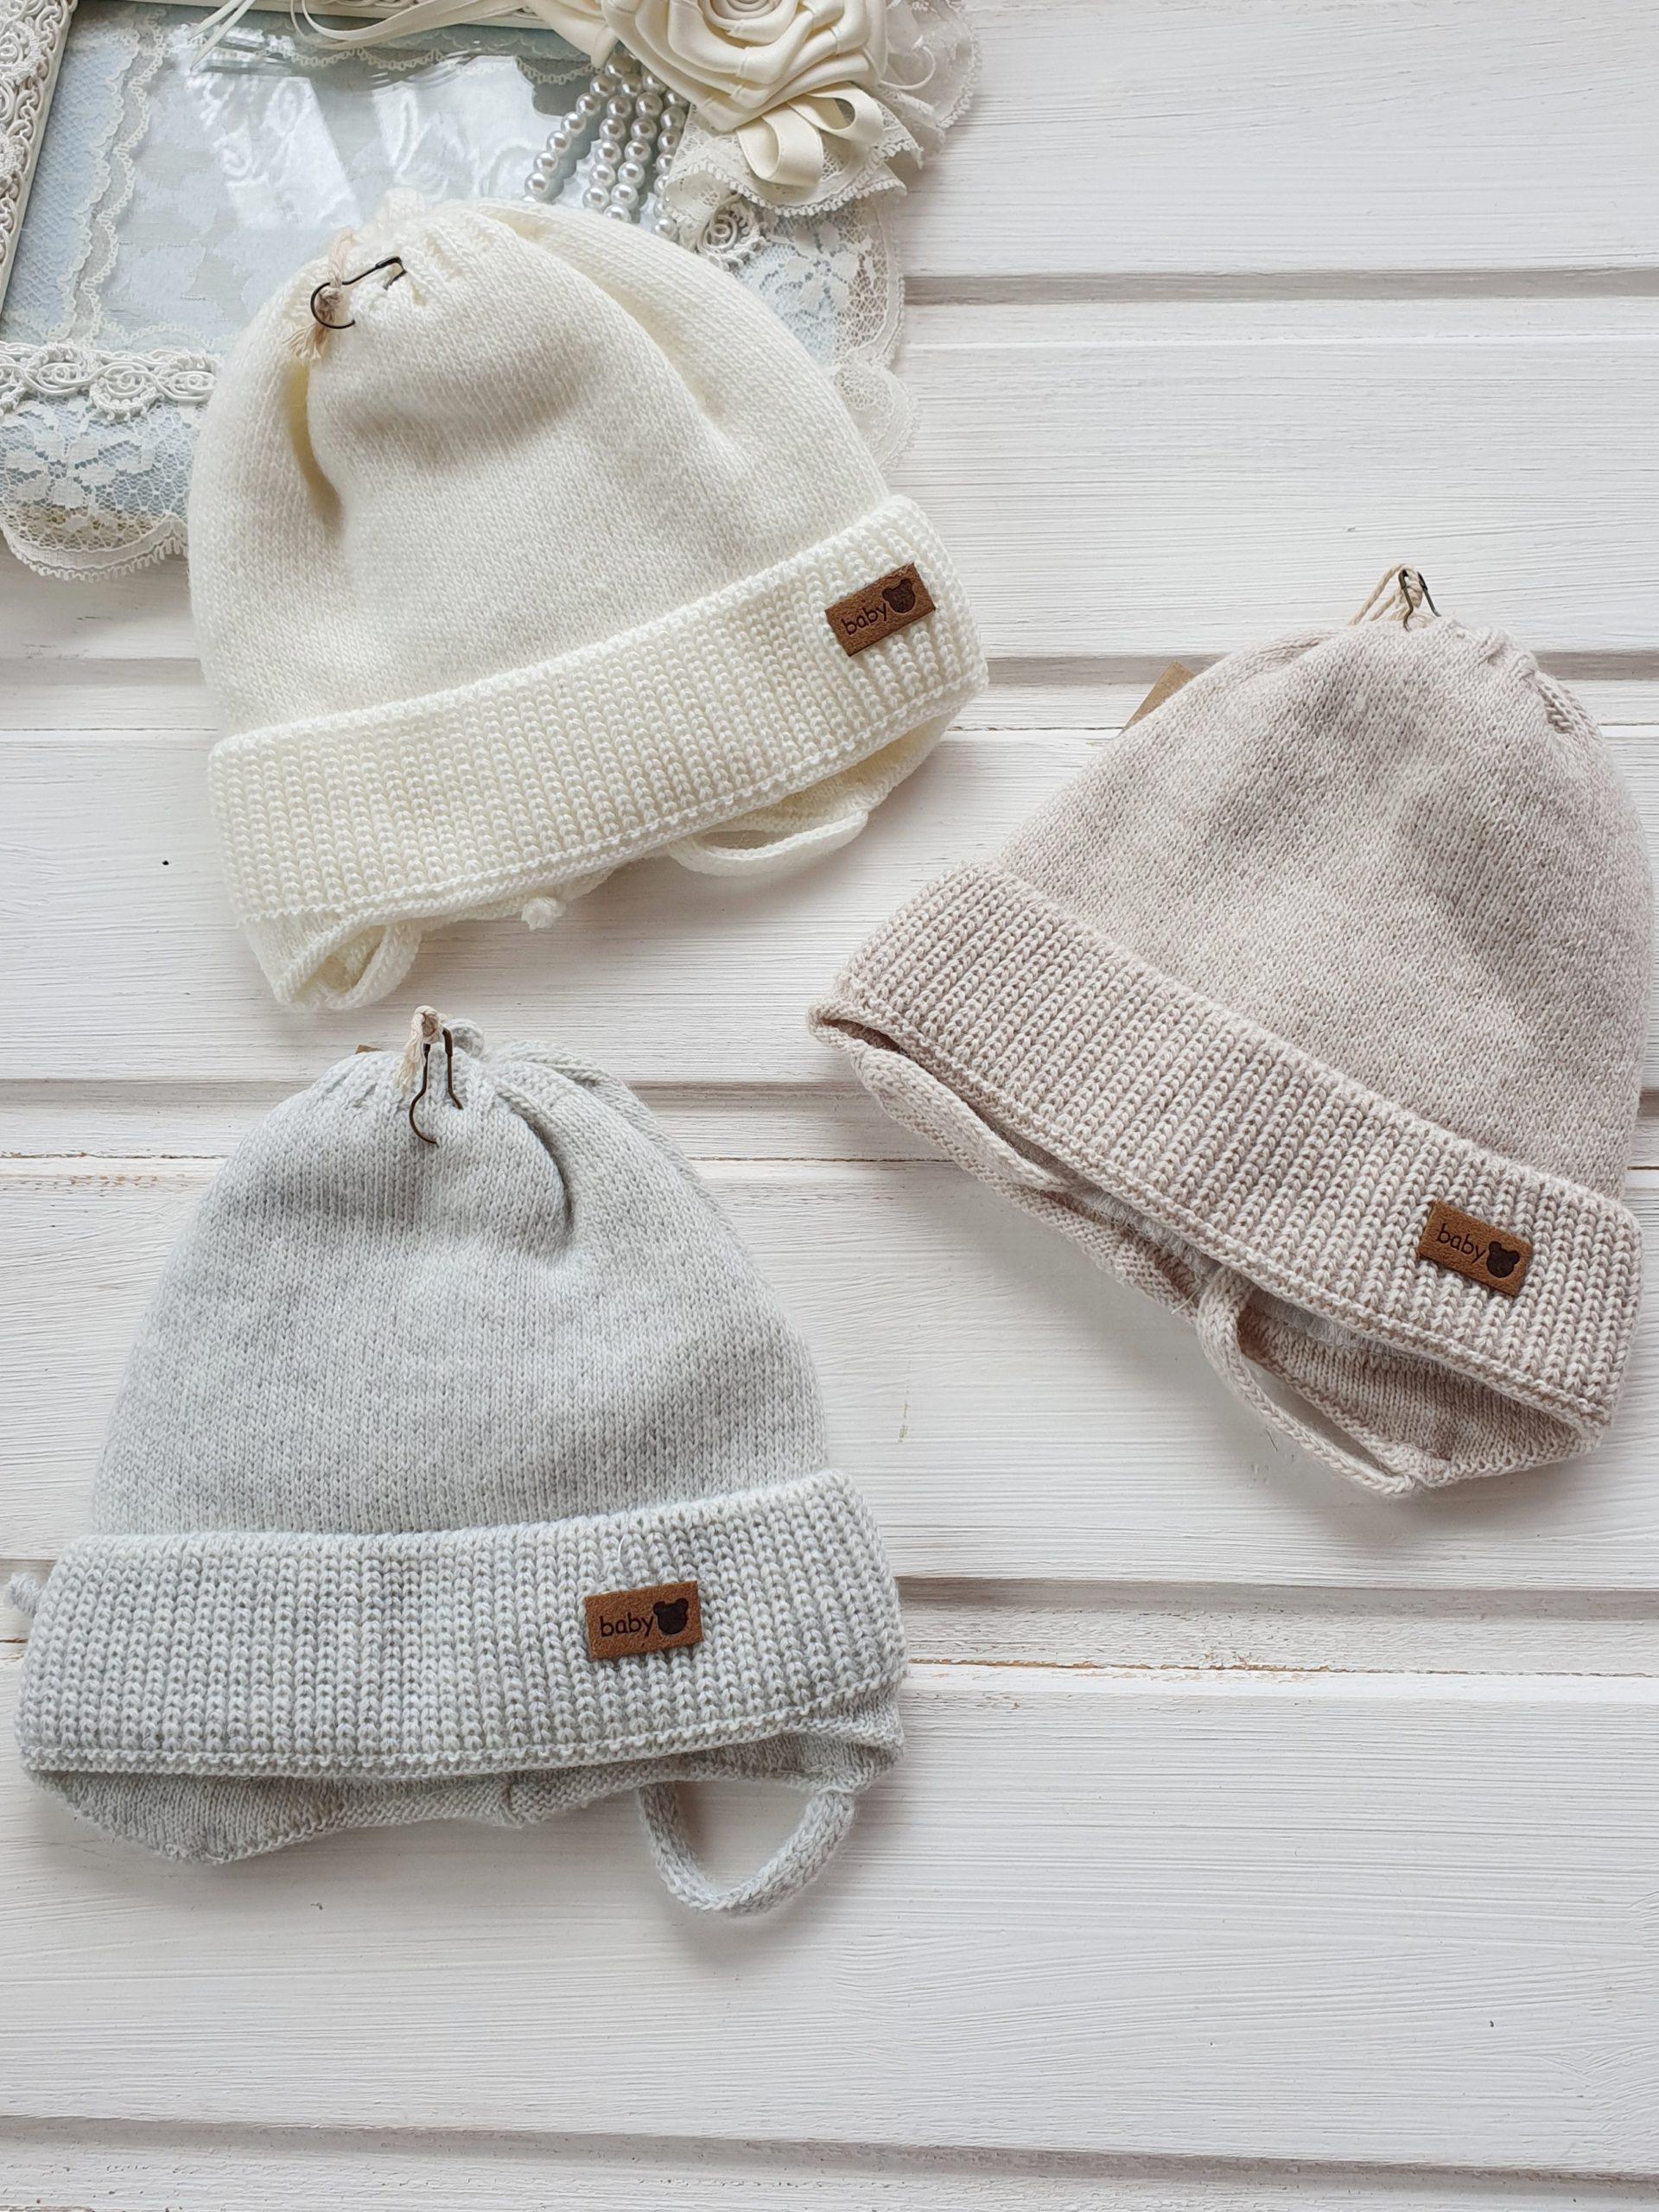 Шапочка для новорожденного, осень-весна «Baby» 0-3 мес